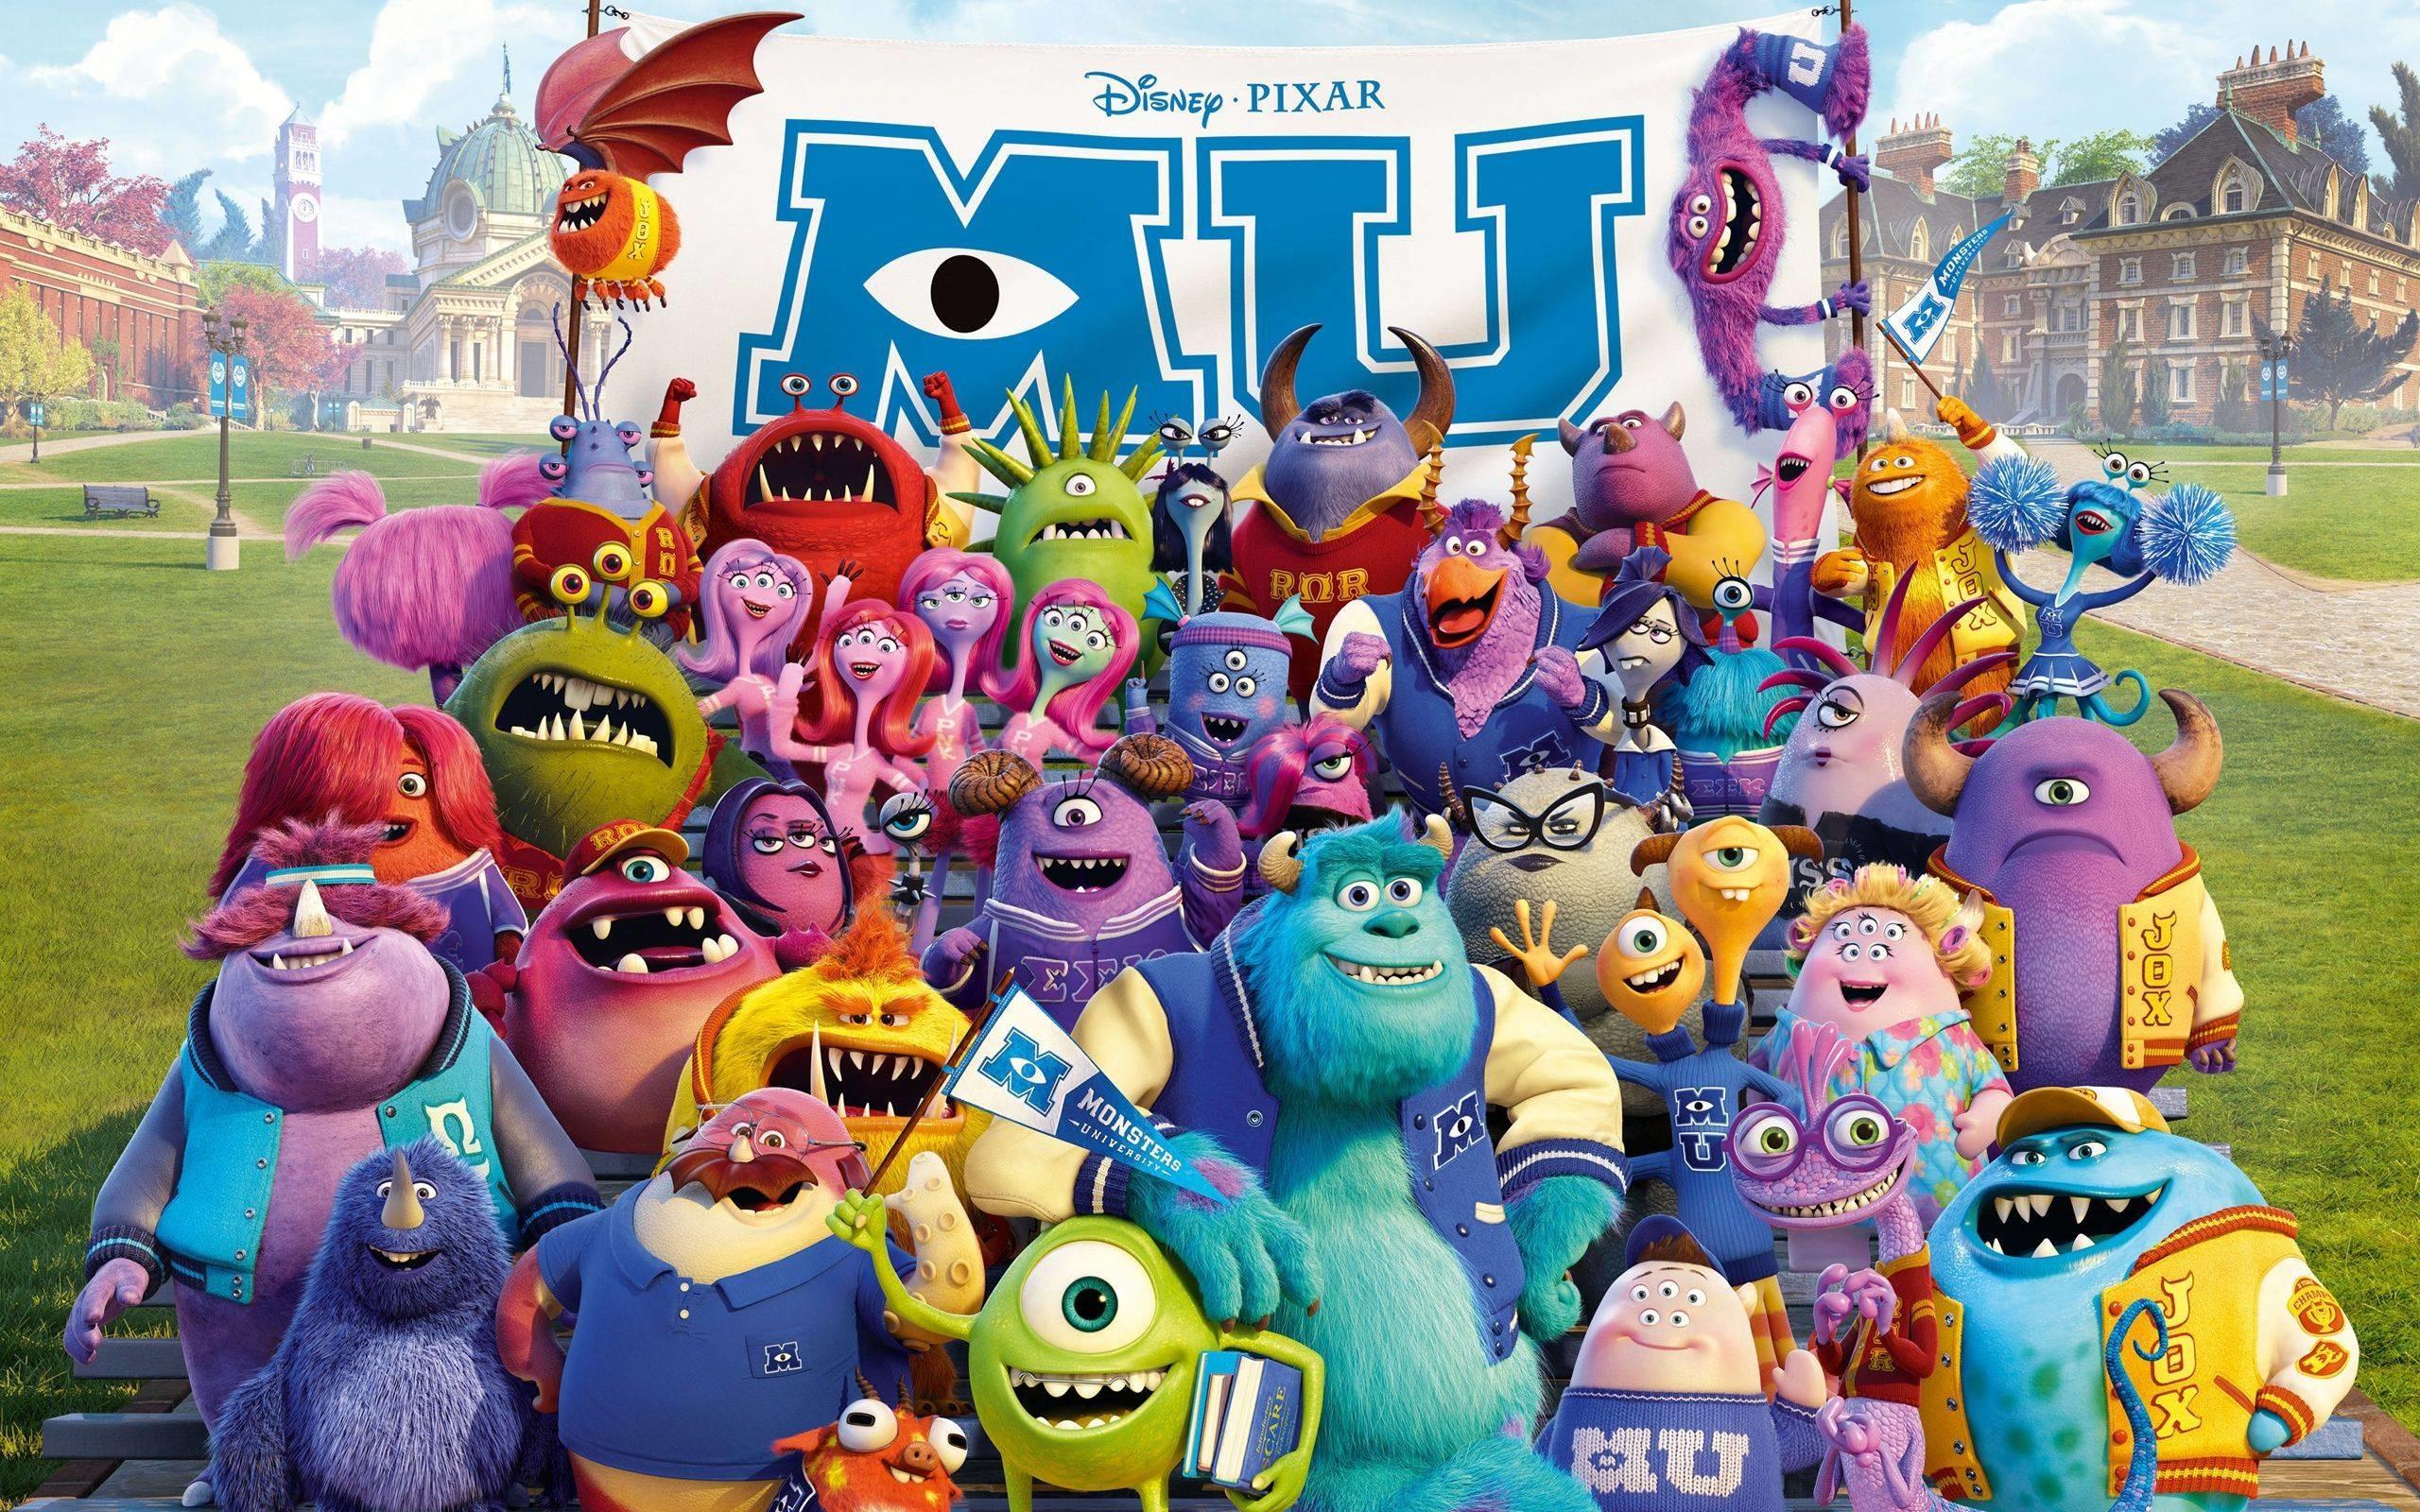 Disney-Movie-Monsters-University disney HD free wallpapers .